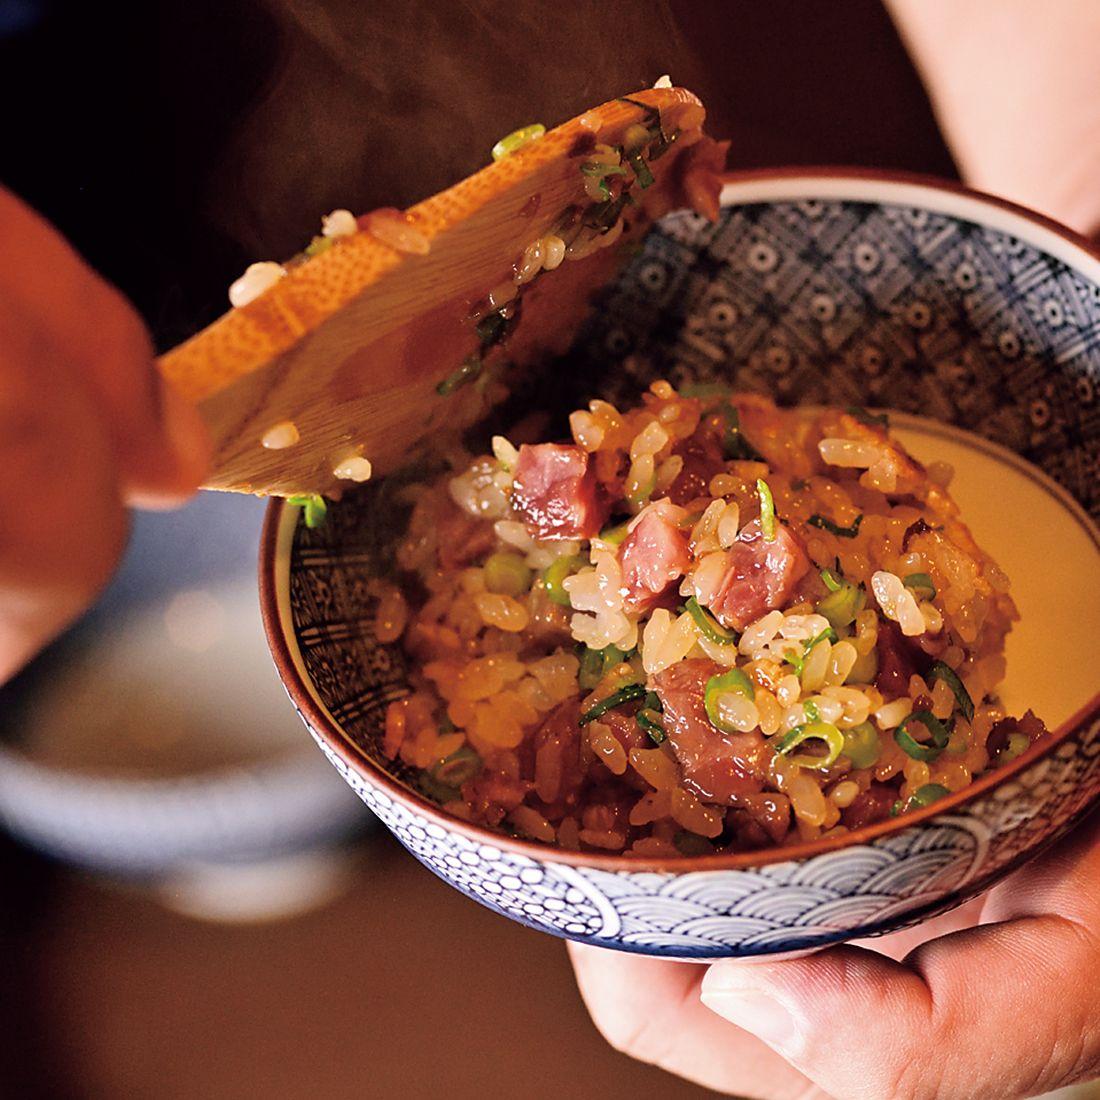 上から青ネギと山椒をパラッとかけて食べれば、箸も止まらぬ美味しさ。